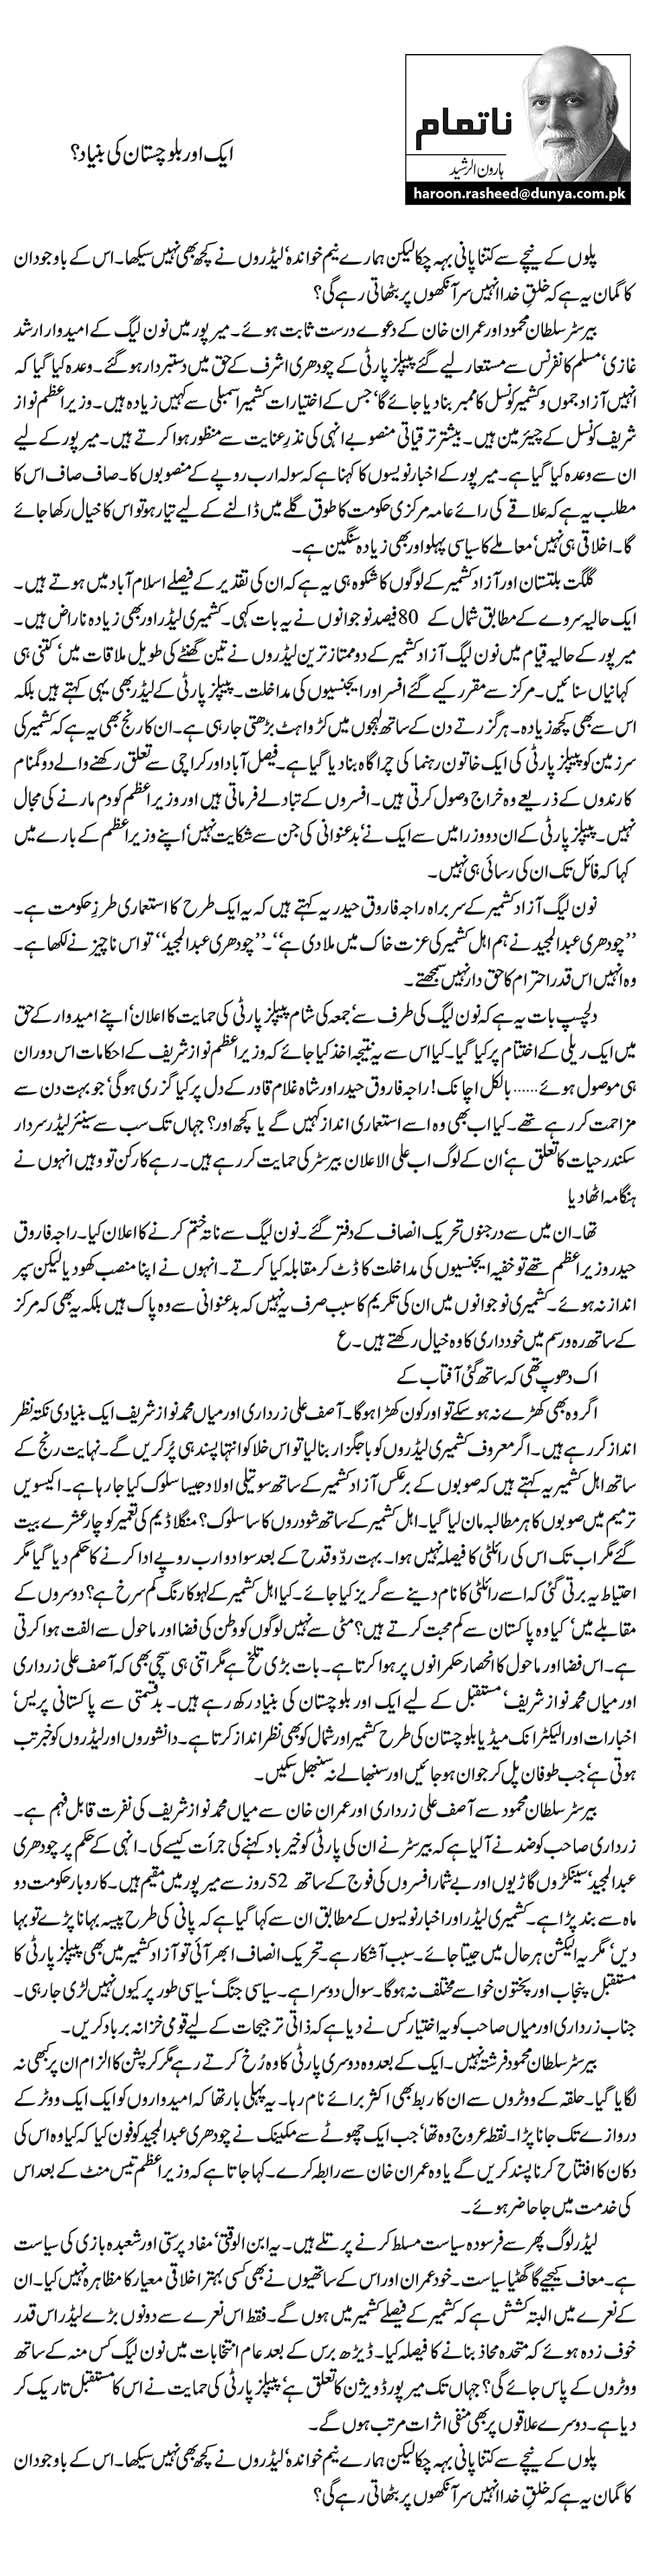 ایک اور بلوچستان کی بنیاد؟